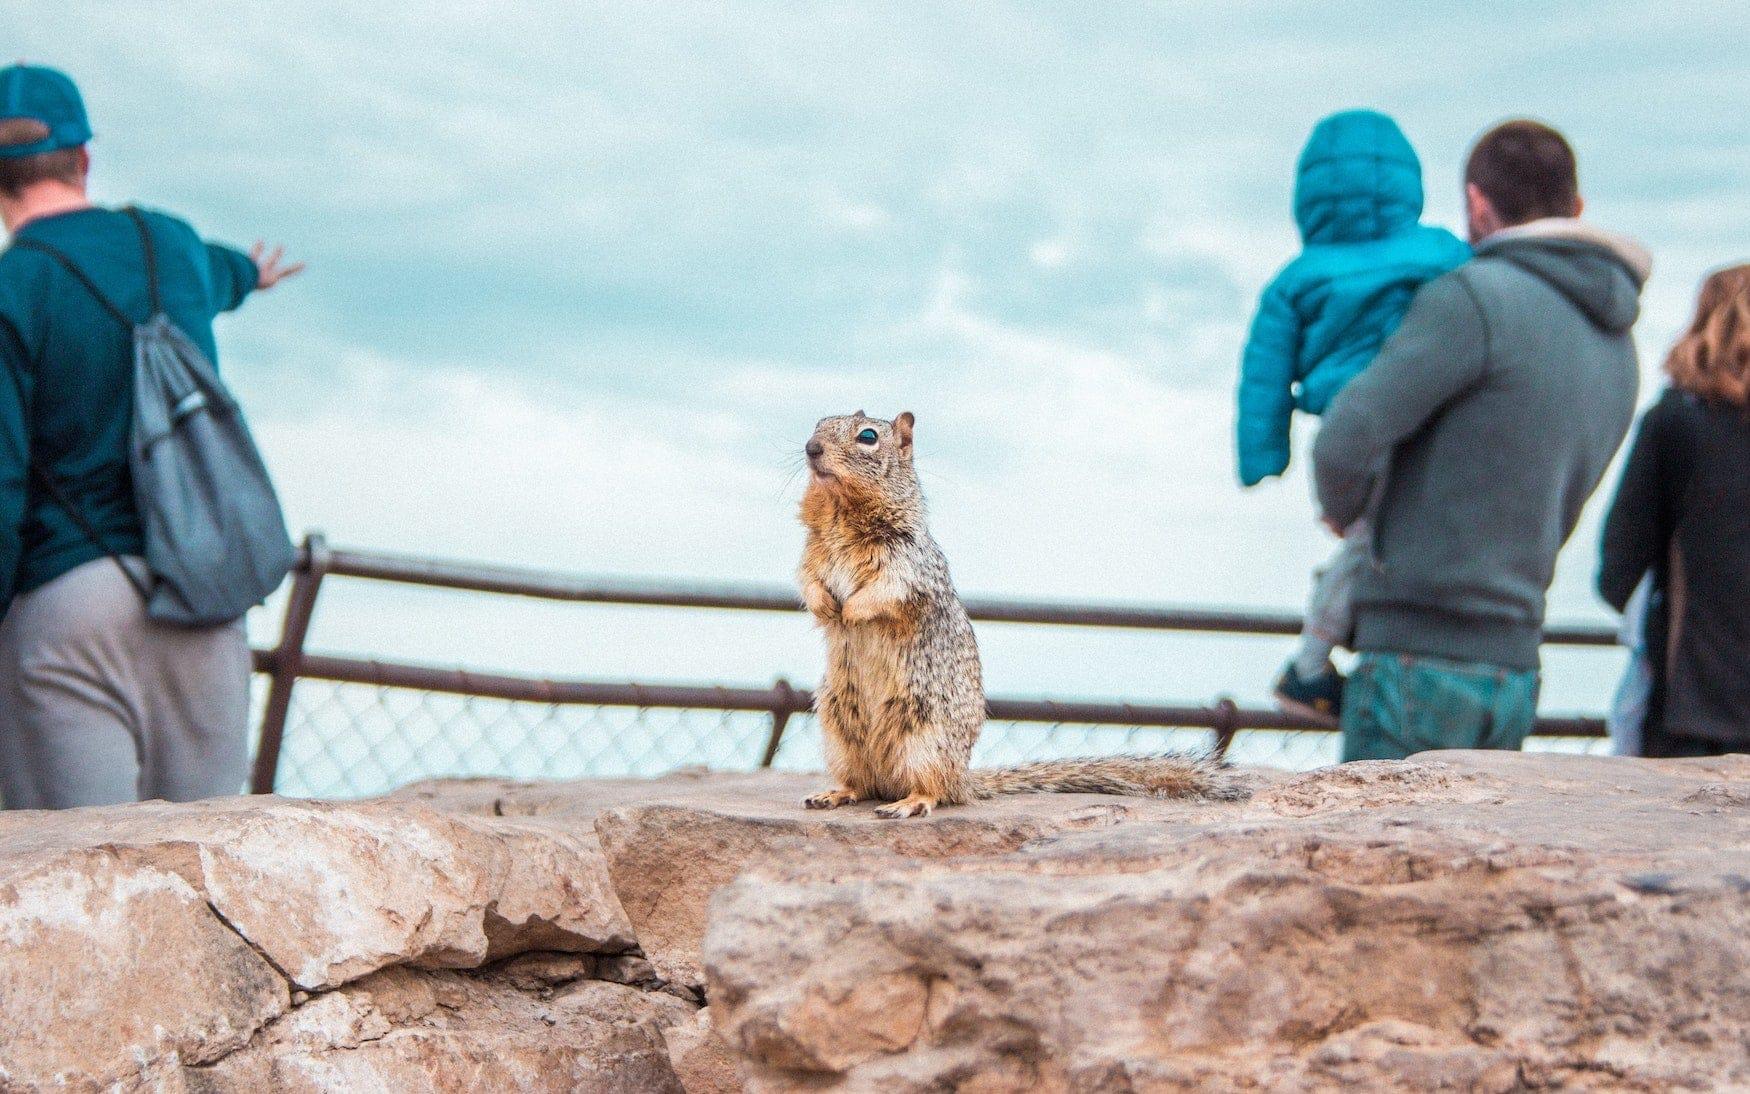 Kleides Nagetier zwischen Besuchern des Grand Canyon